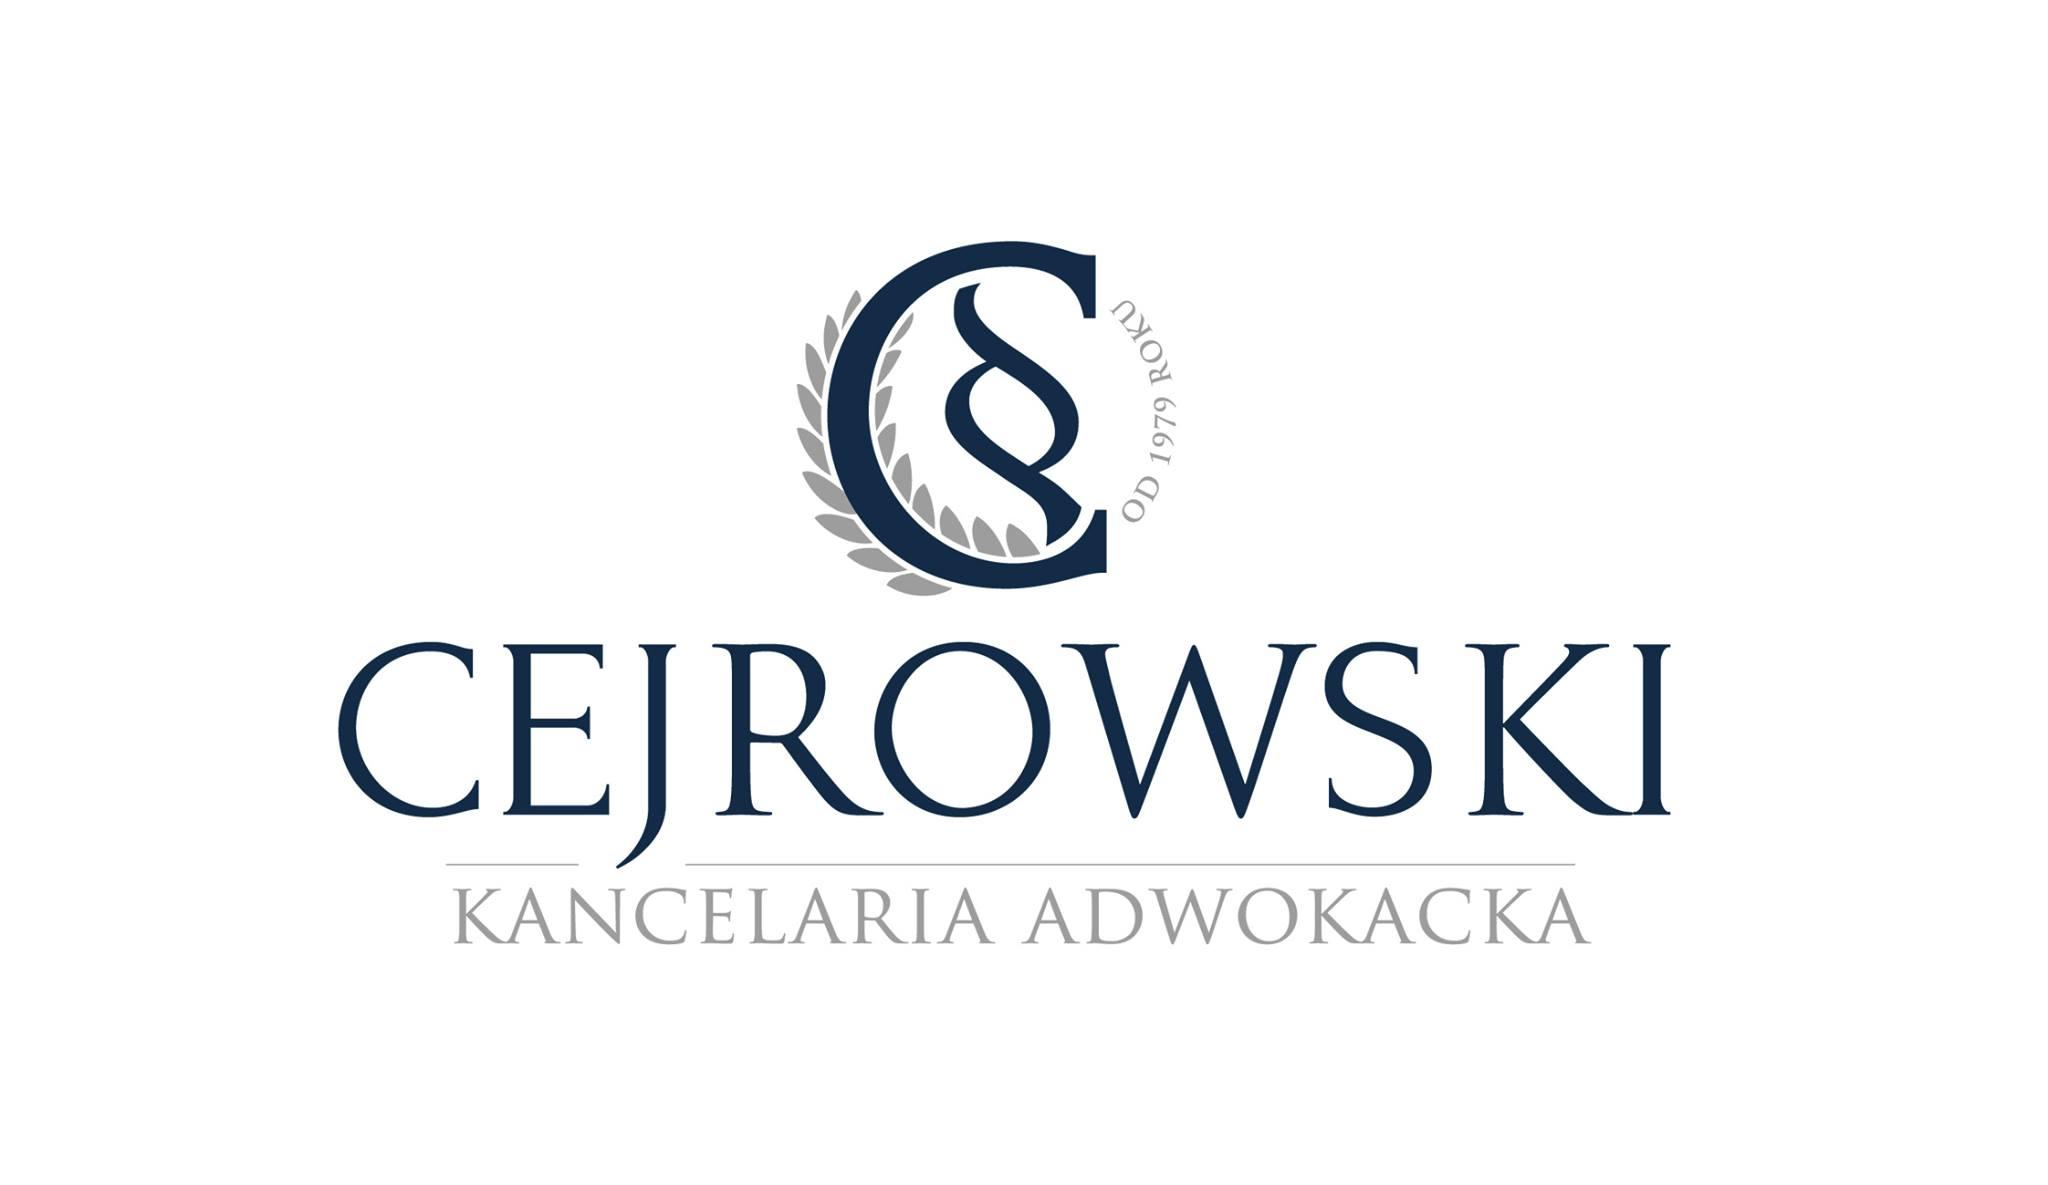 Kancelaria Adwokacka Cejrowski Tczew